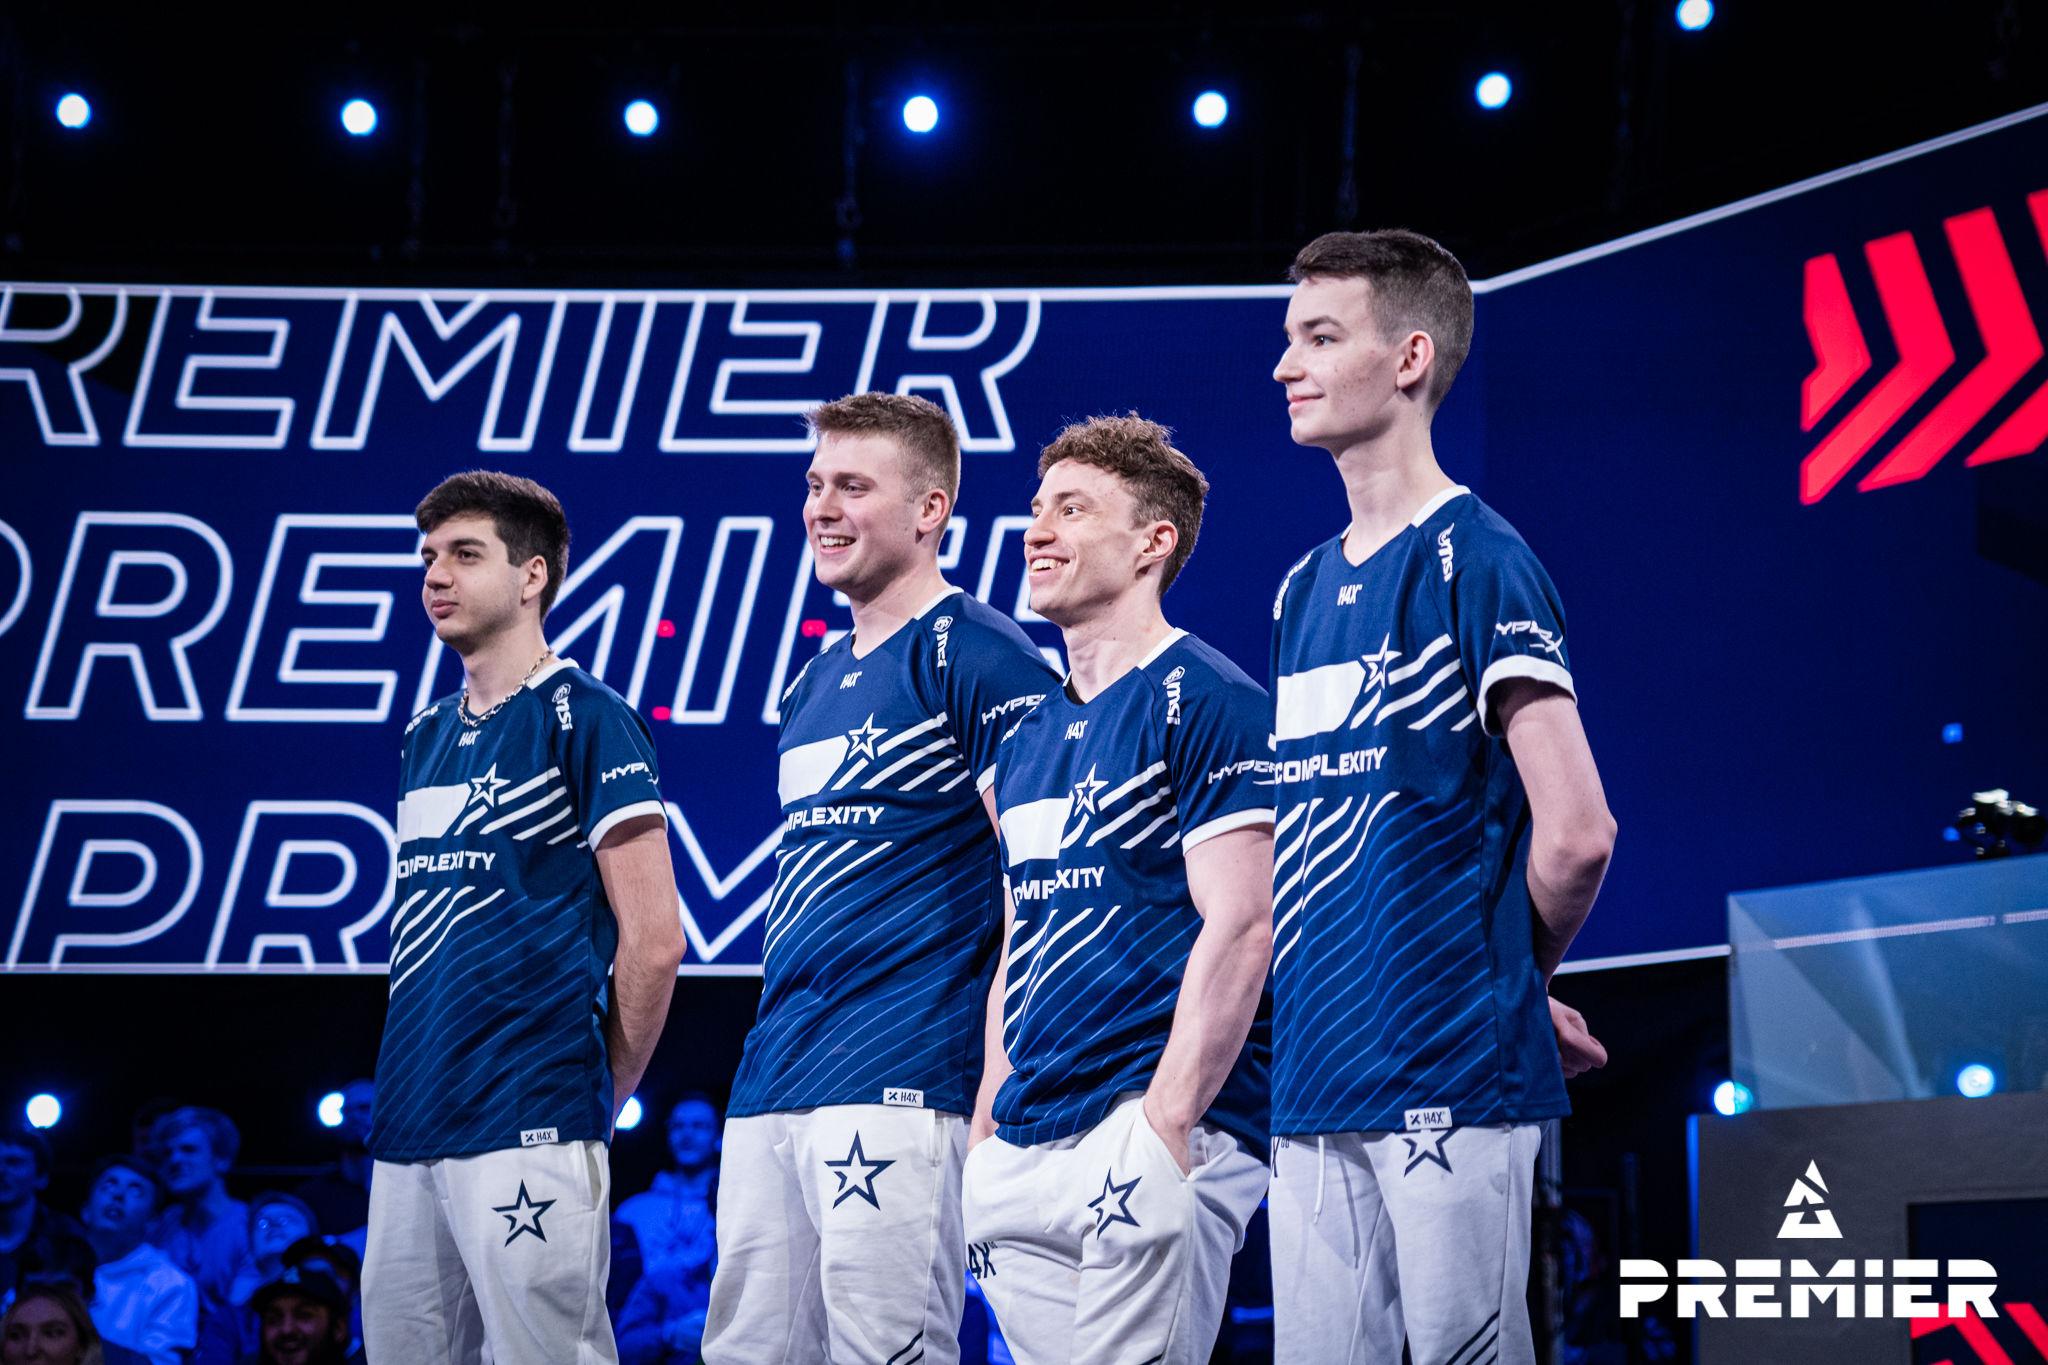 Według Michała: Complexity Gaming pokazało, że u zawodników jest forma. Pewne zwycięstwo na BLAST Premier Spring 2020 1